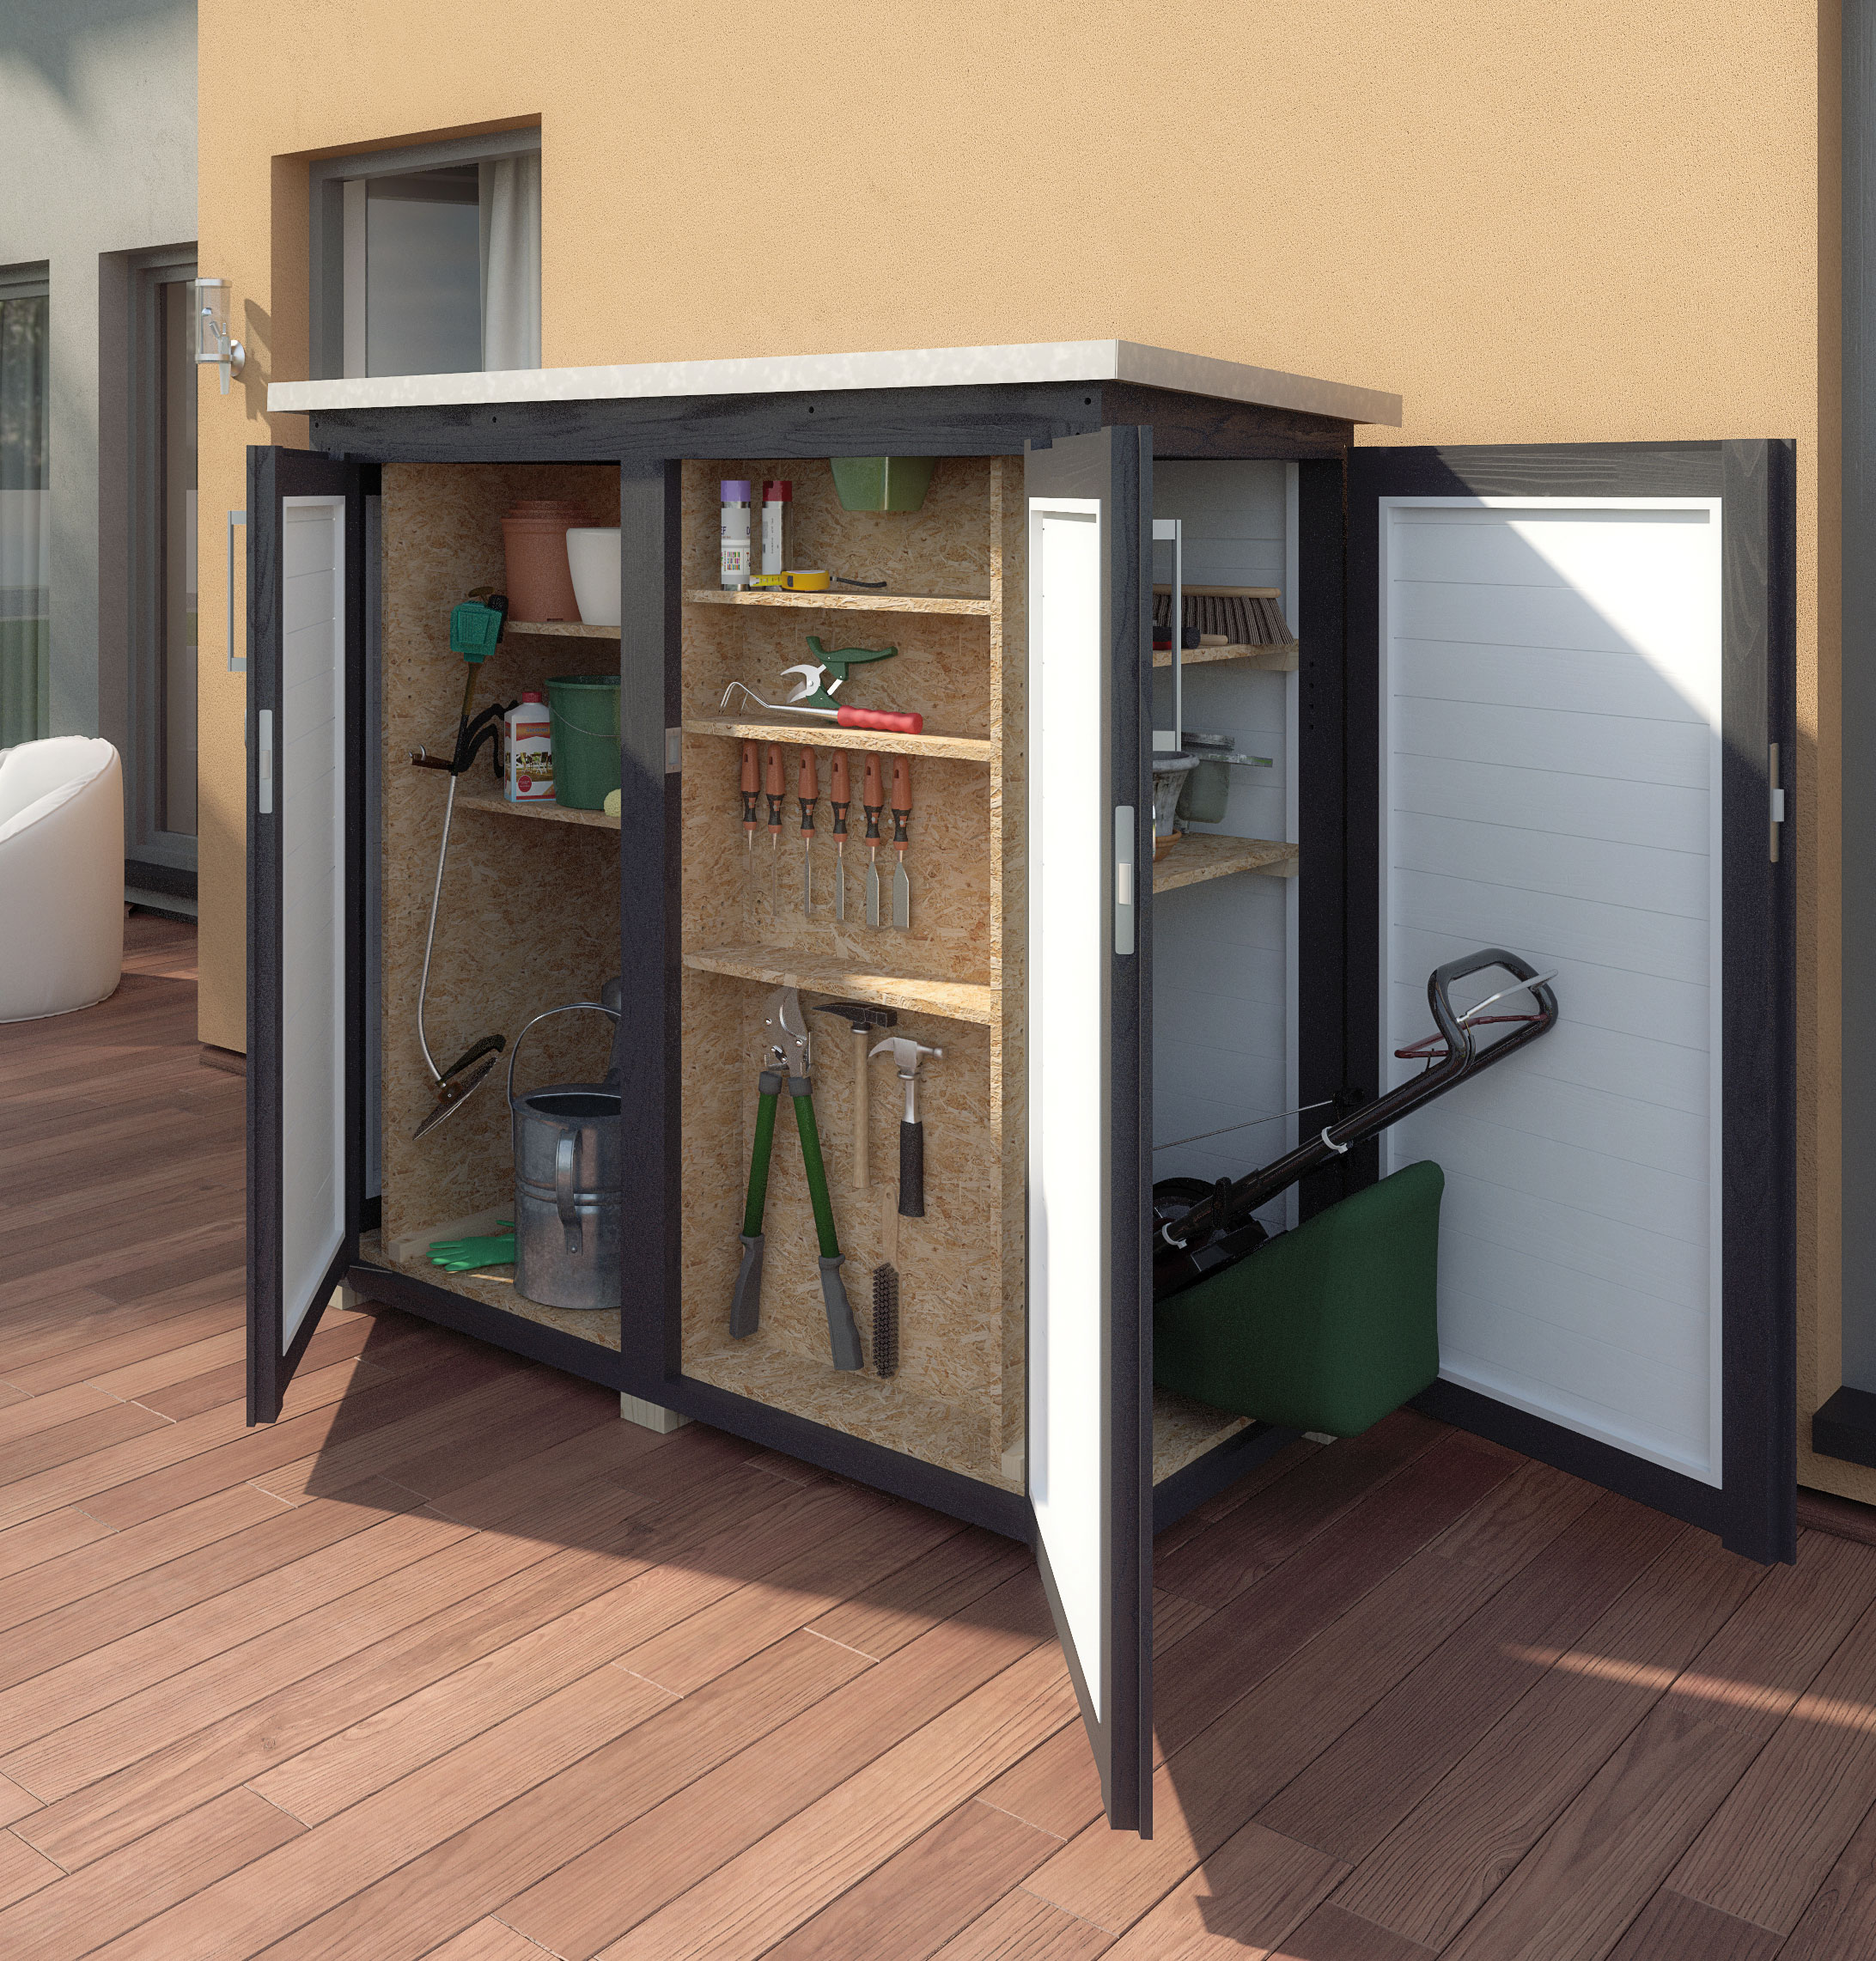 Gartenschrank ger teschrank 18mm weka teras anthrazit - Kleiner gartenschrank ...